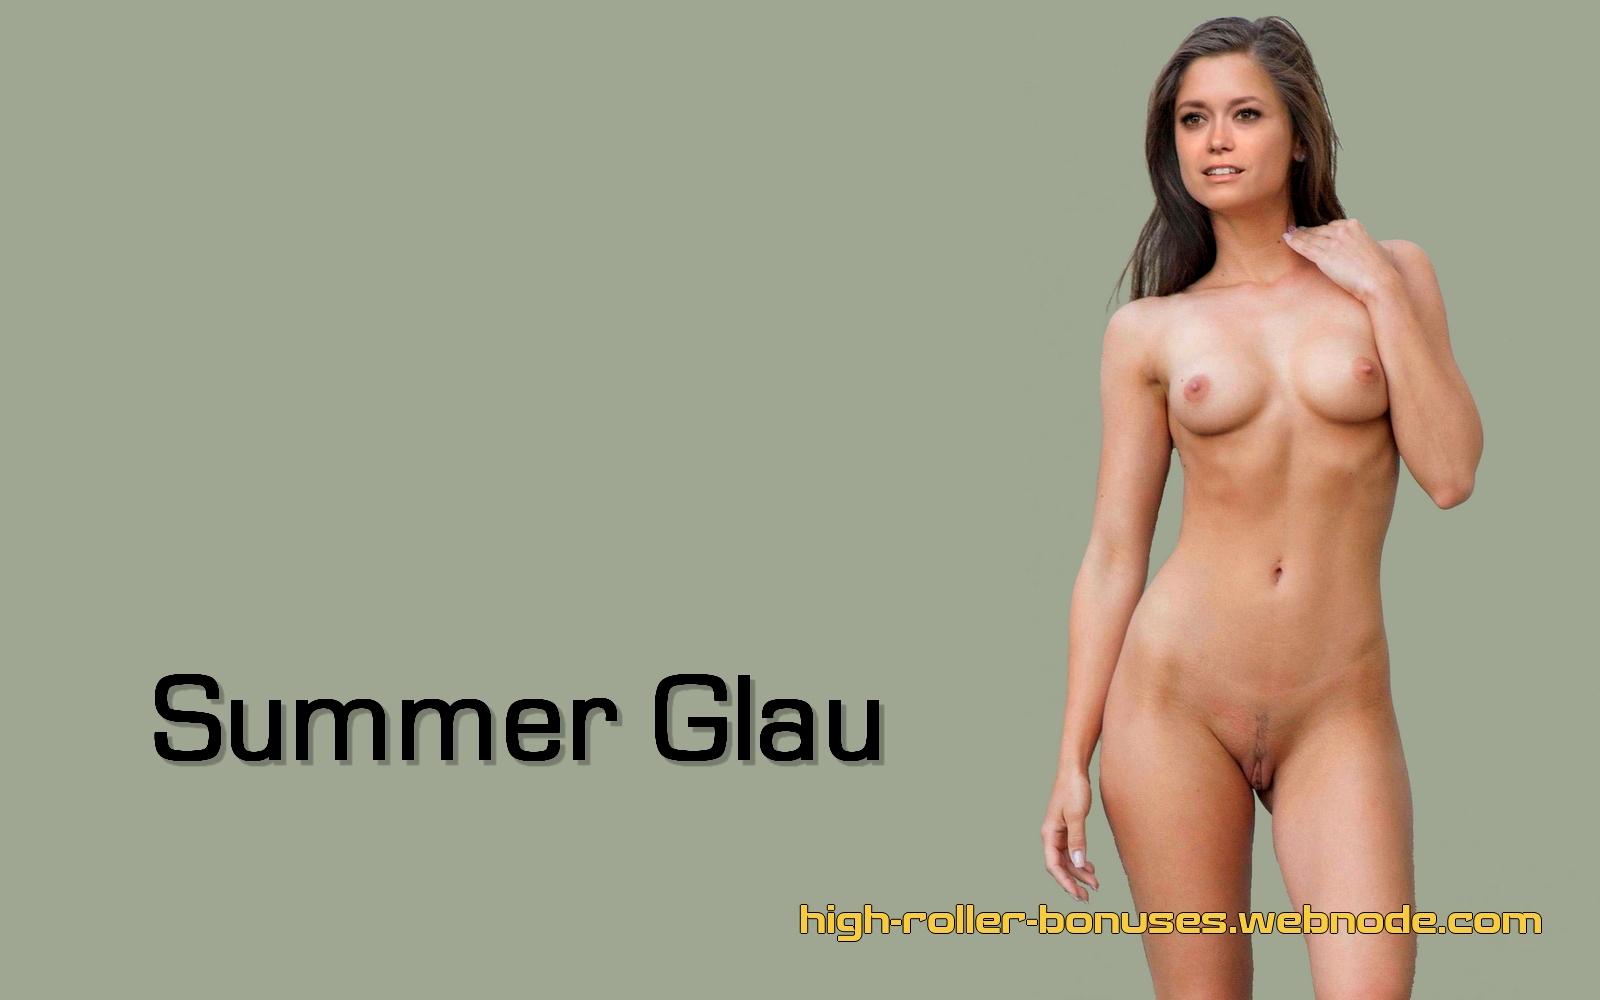 Summer glau topless